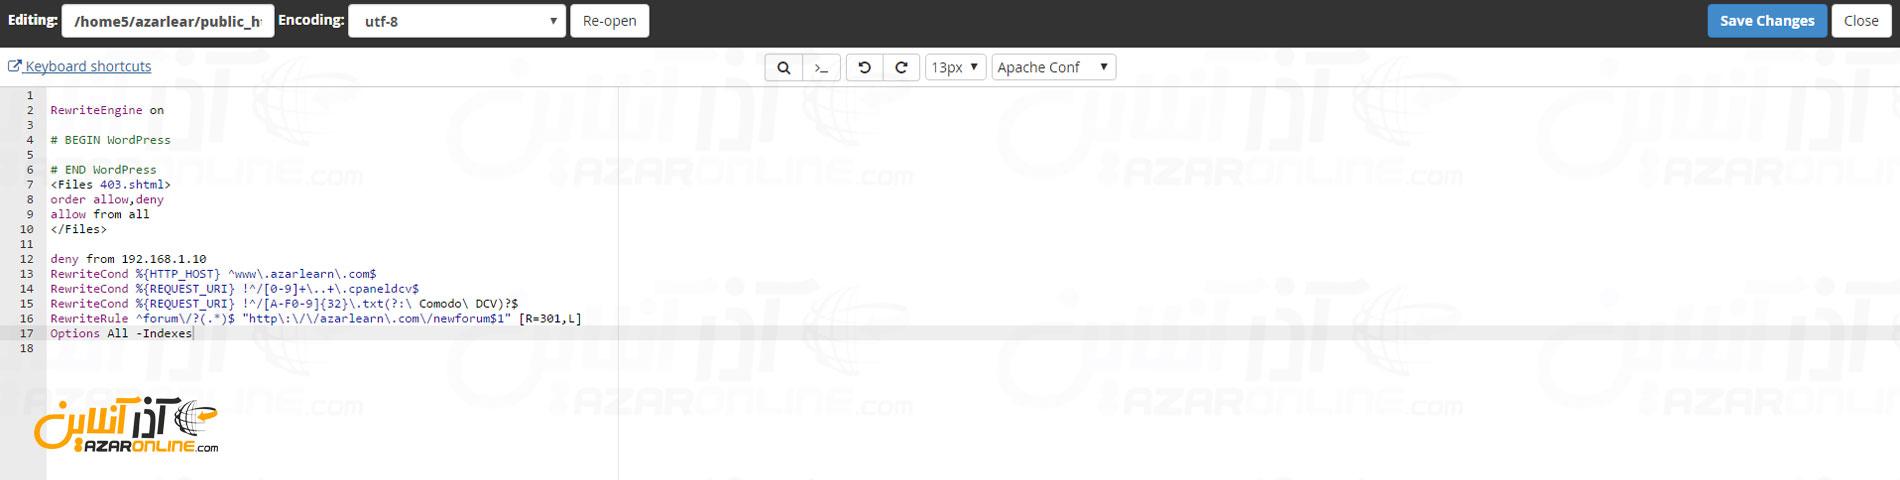 نمایش فایل htaccess پس از اضافه شدن کد غیرفعال سازی نمایش دایرکتوری وردپرس